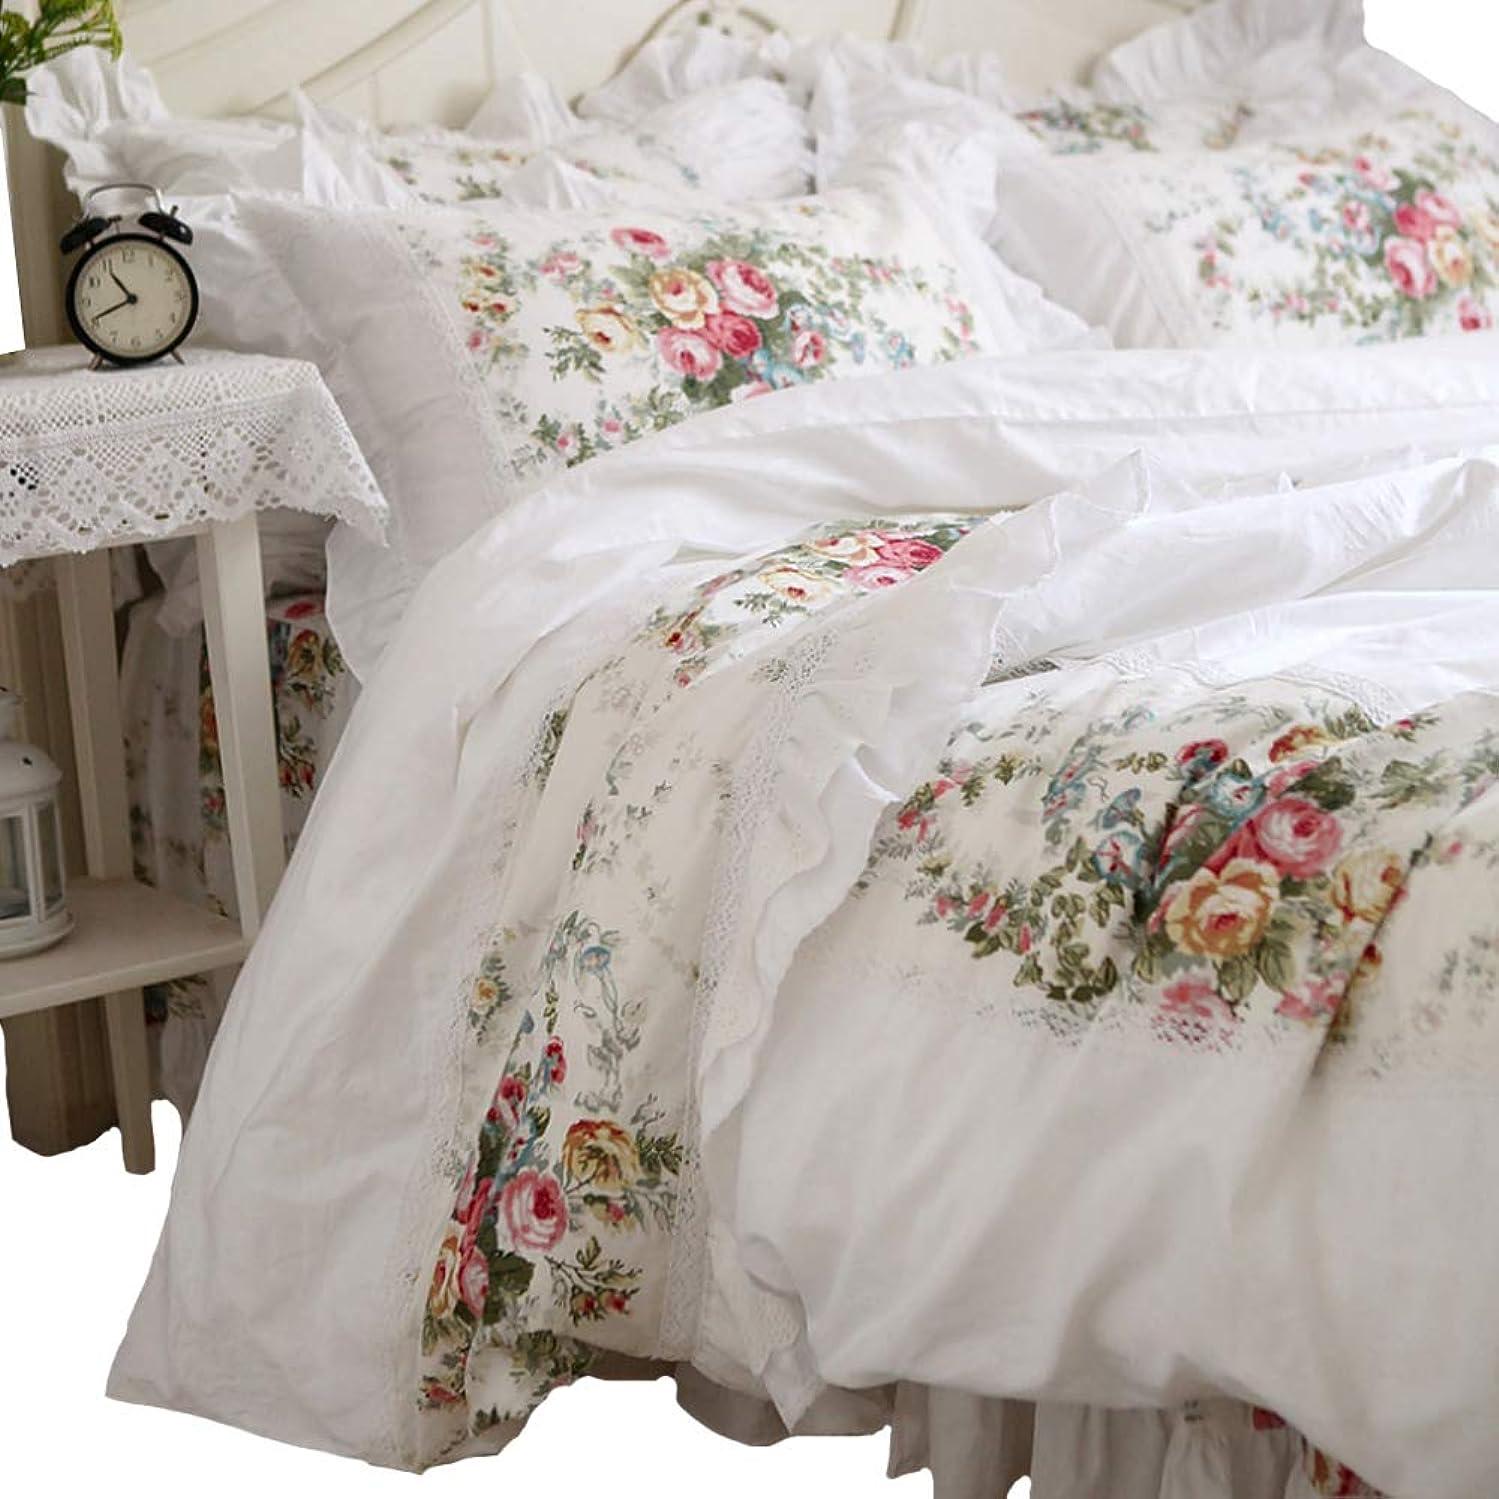 ミル呼び出す交渉するバラの花柄とラッフルフリルデザイン アンティーク風ホワイトベッドカバーセット